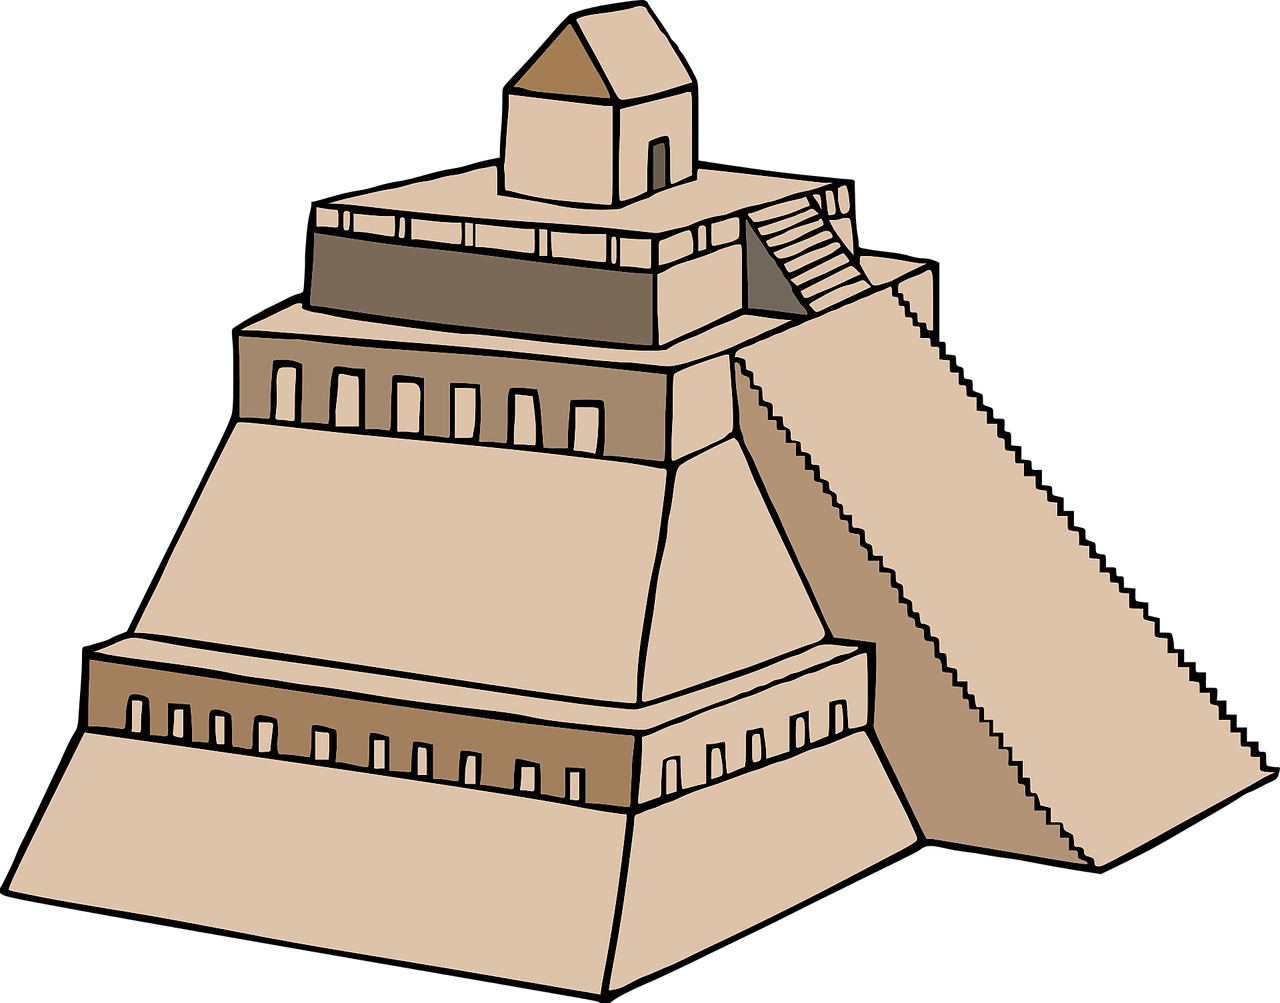 1280x1003 Inca, Building, Asian, Drawing, Transparent